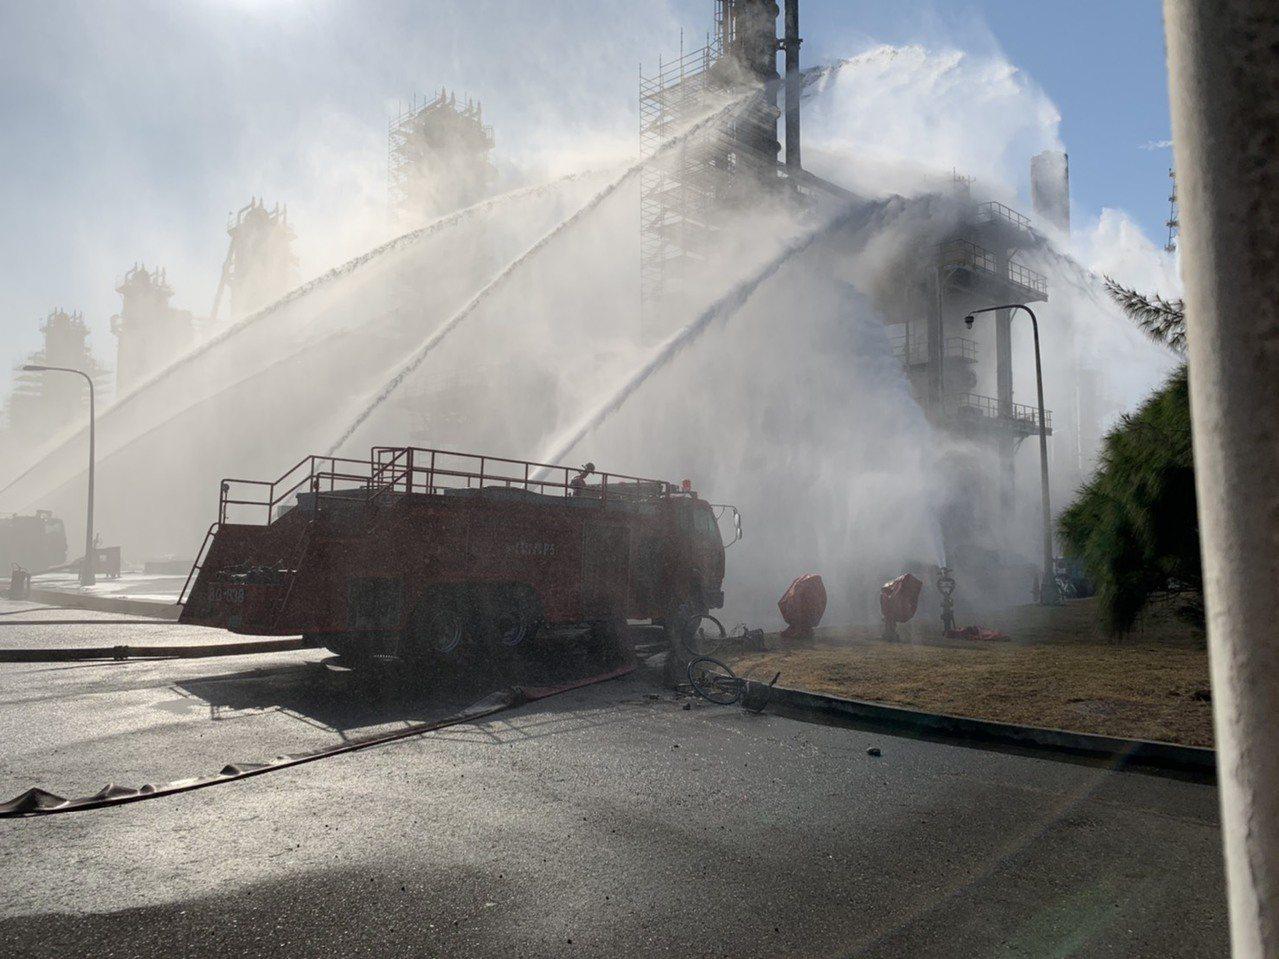 六轻炼油一厂下午突冒烟,消防队出动强力水柱抢救,很快将冒烟控制下来,有惊无险。图...